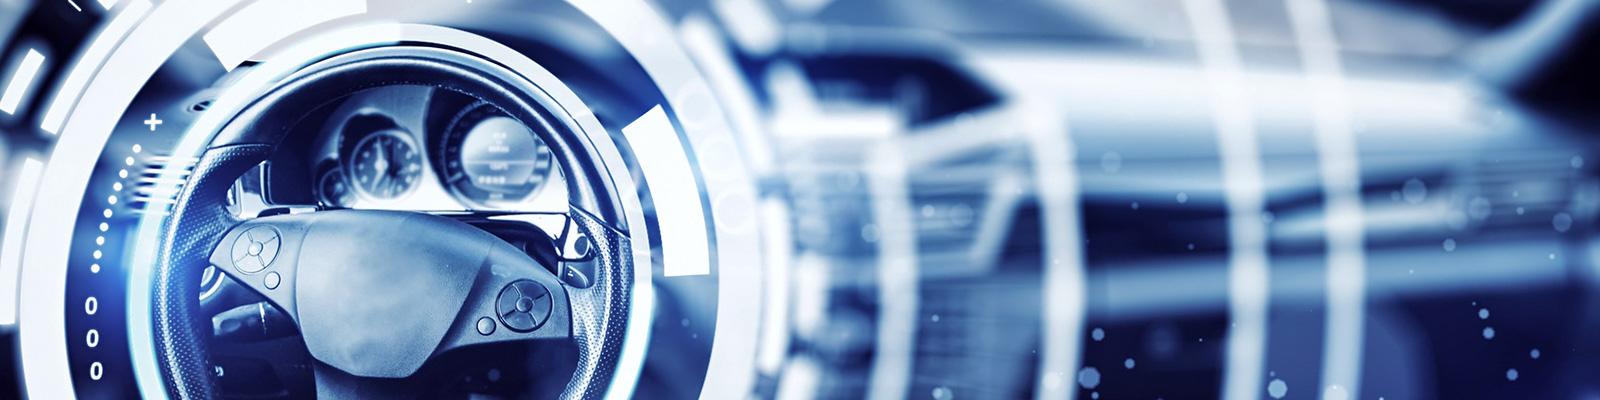 自動車 車載機器 セキュリティ イメージ